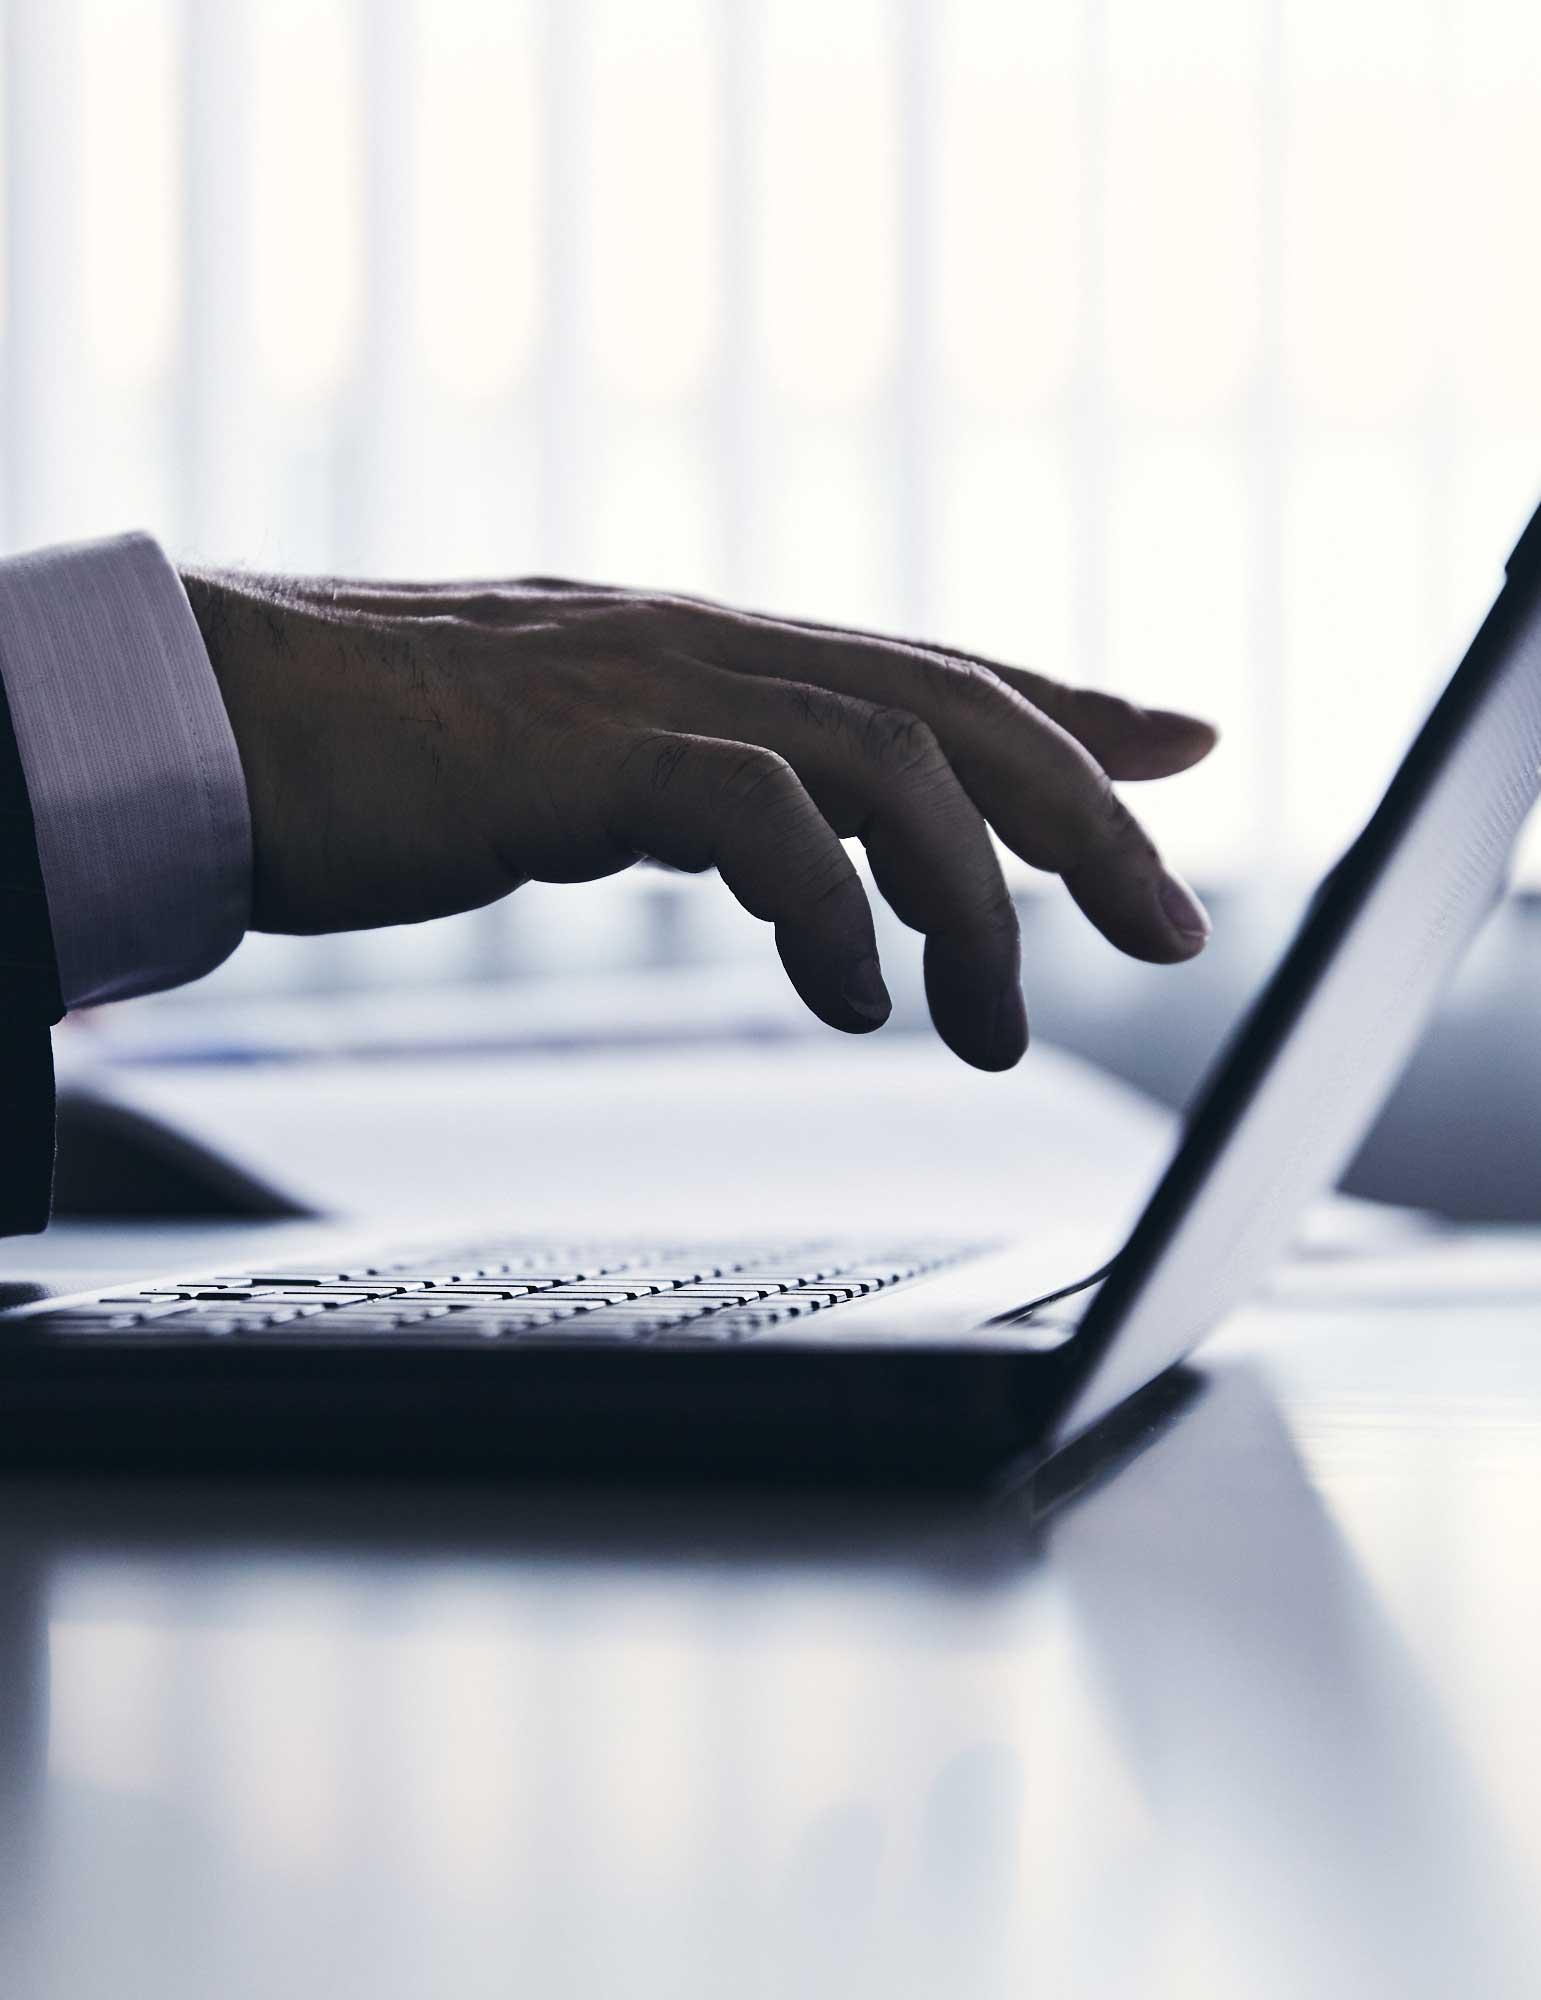 UTテクノロジー株式会社 私たちについて イメージ